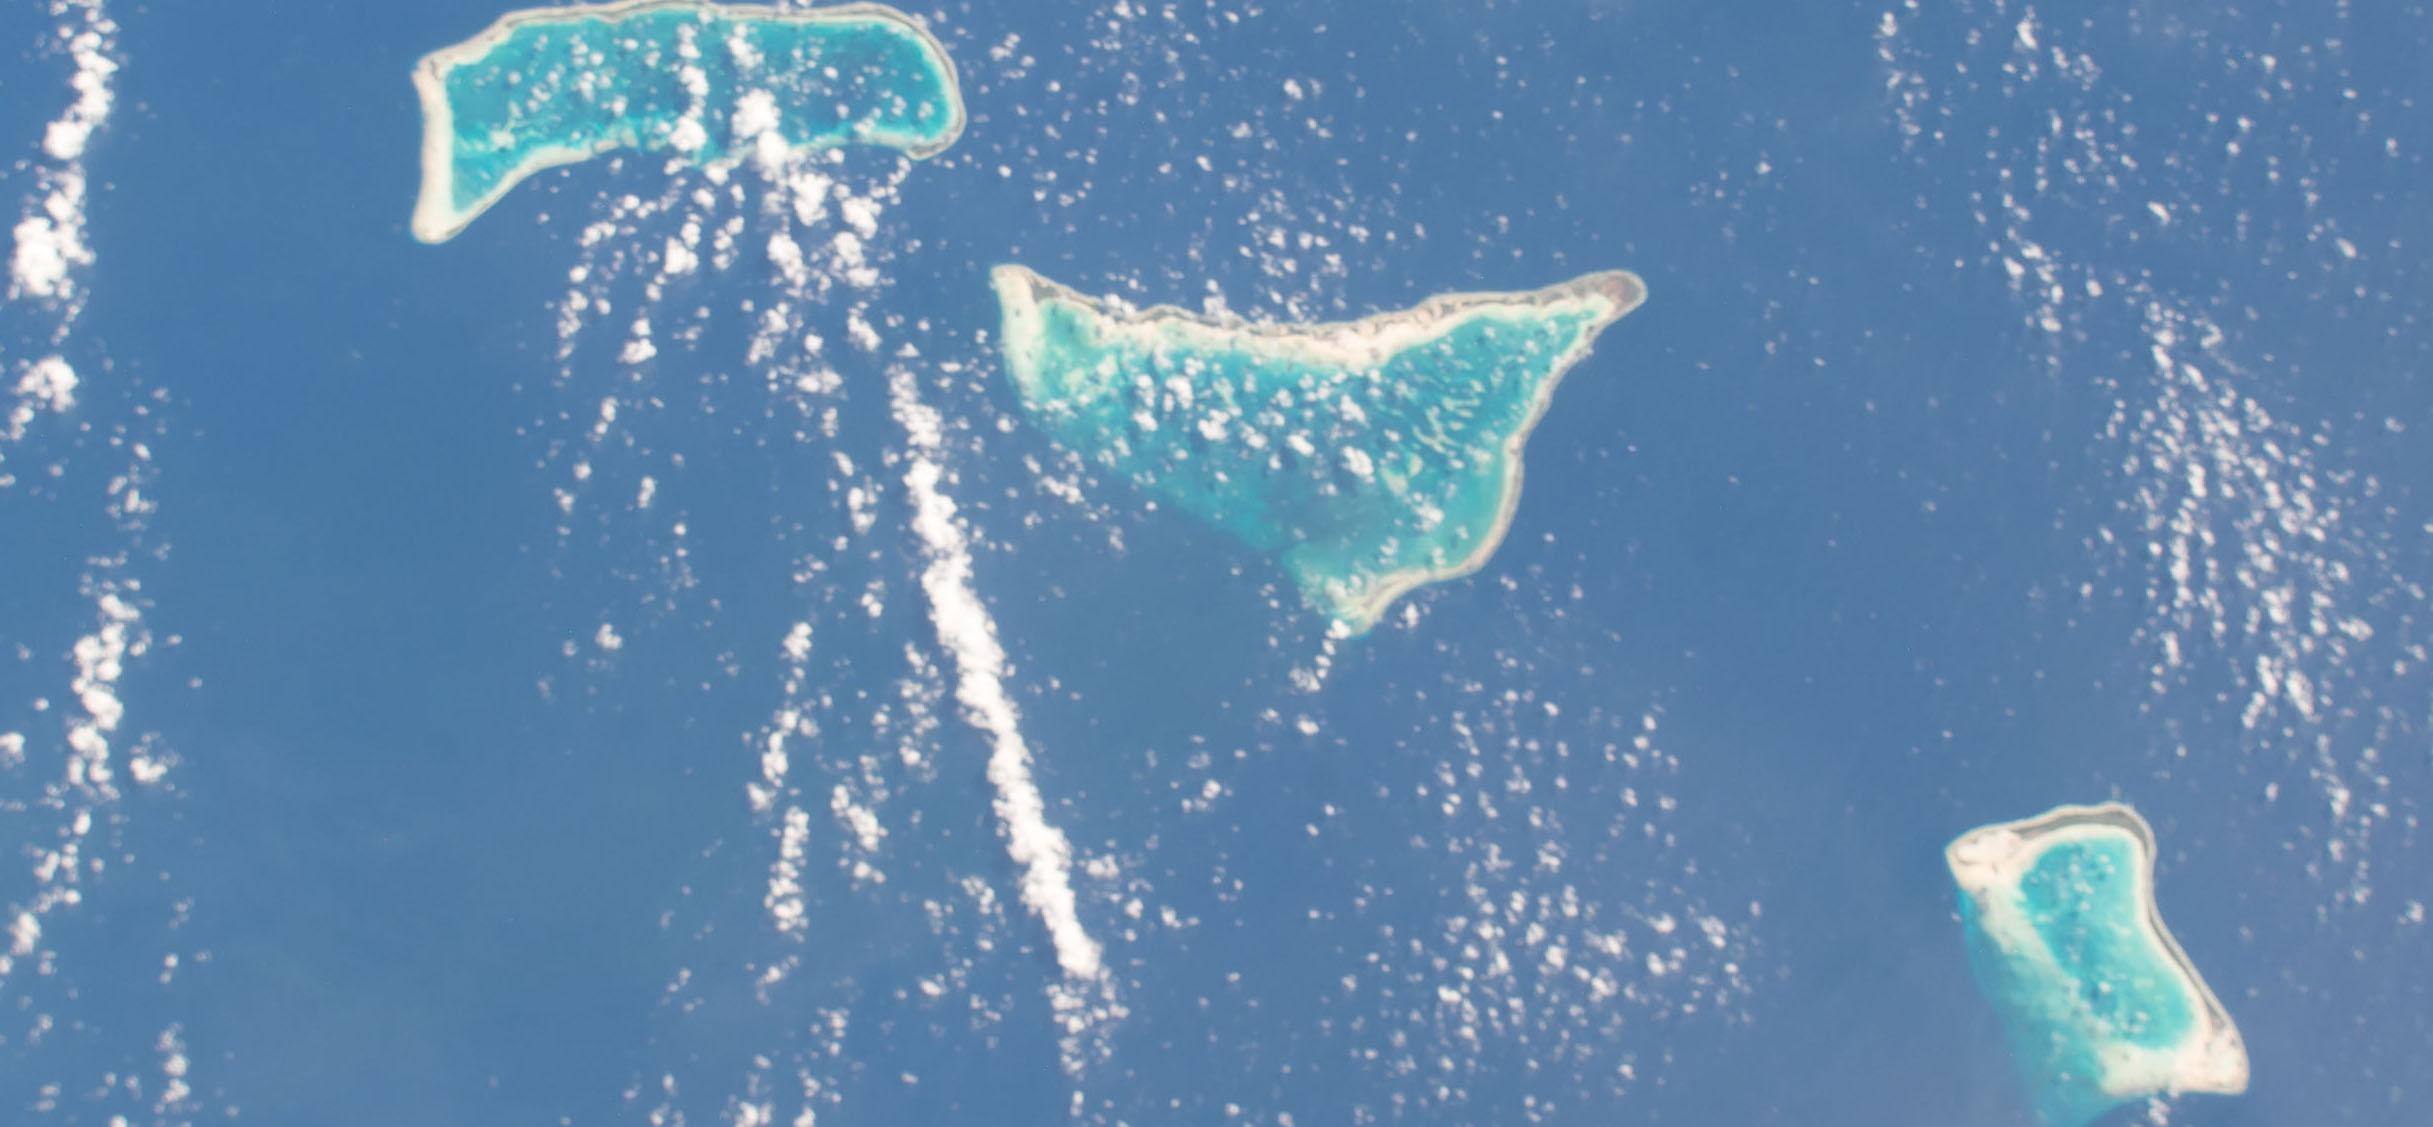 Islands of the Kiribati Republic (Photo: NASA Johnson/Flickr)